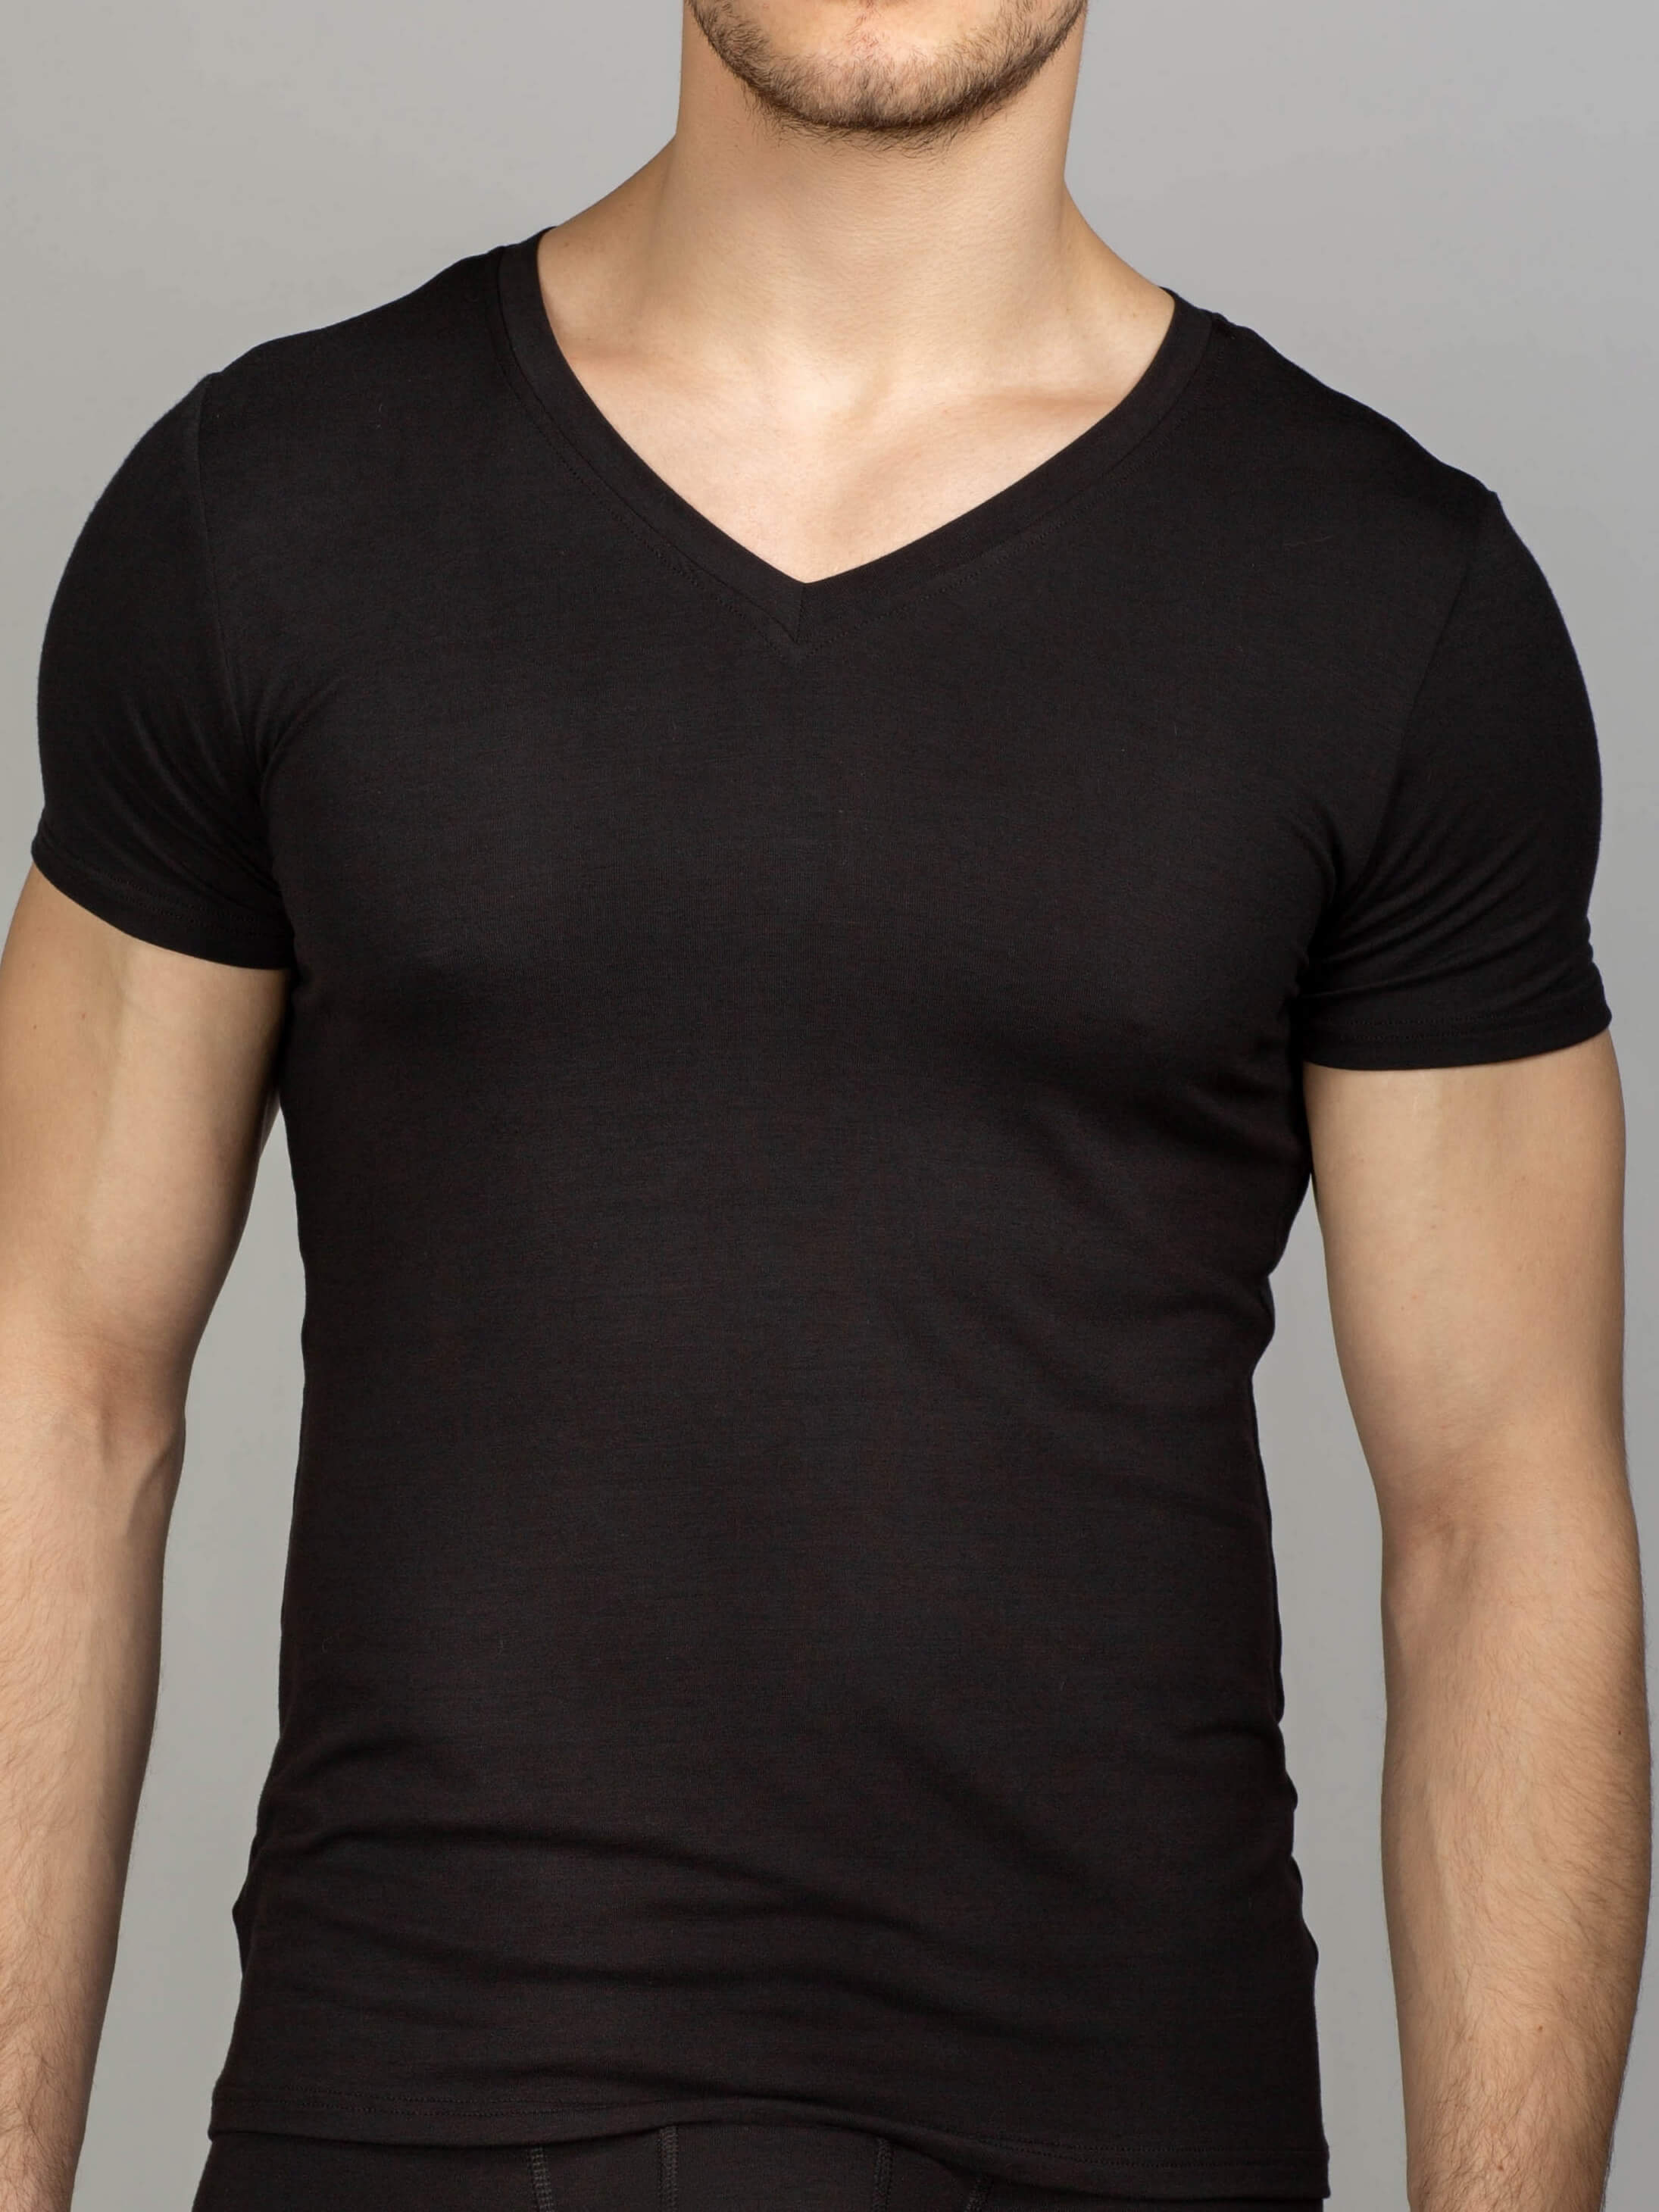 чешуйчатого покрова делают ли фотографии на черных футболках самый массовый